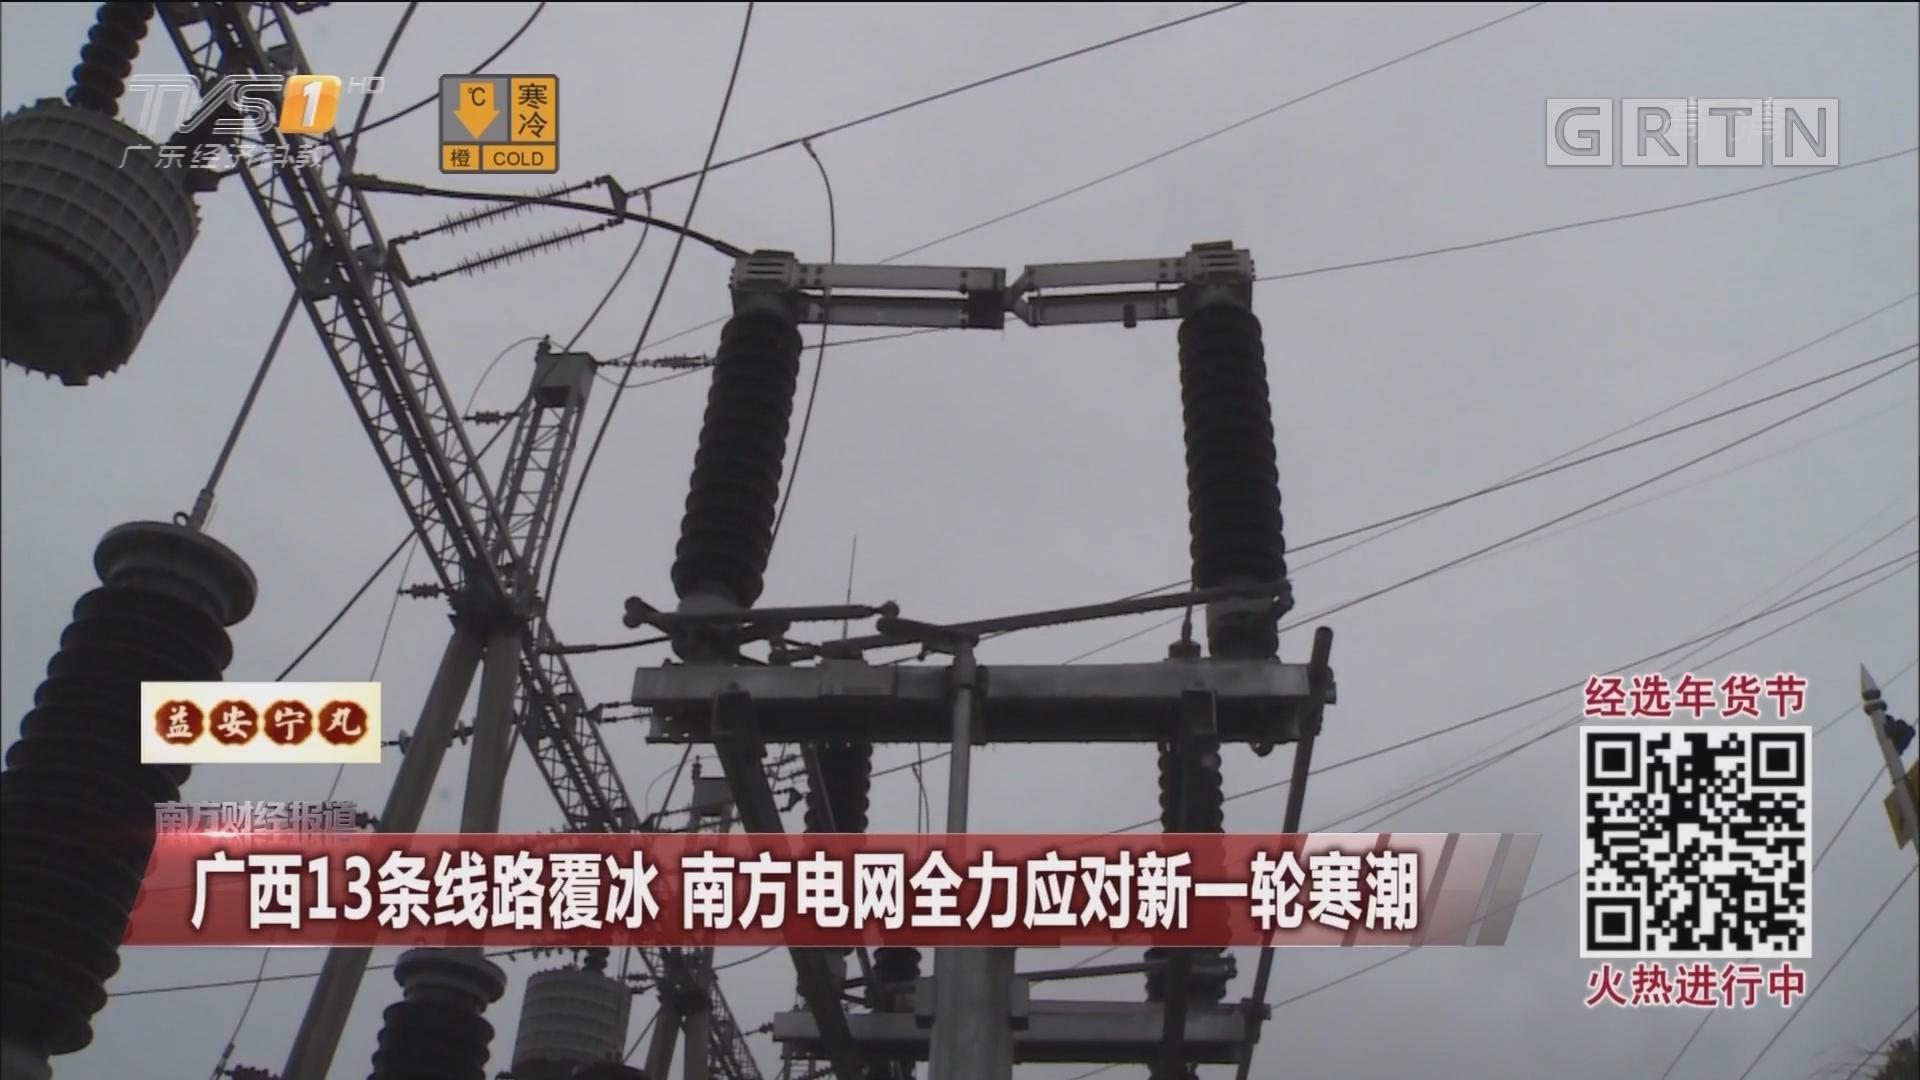 广西13条线路覆冰 南方电网全力应对新一轮寒潮